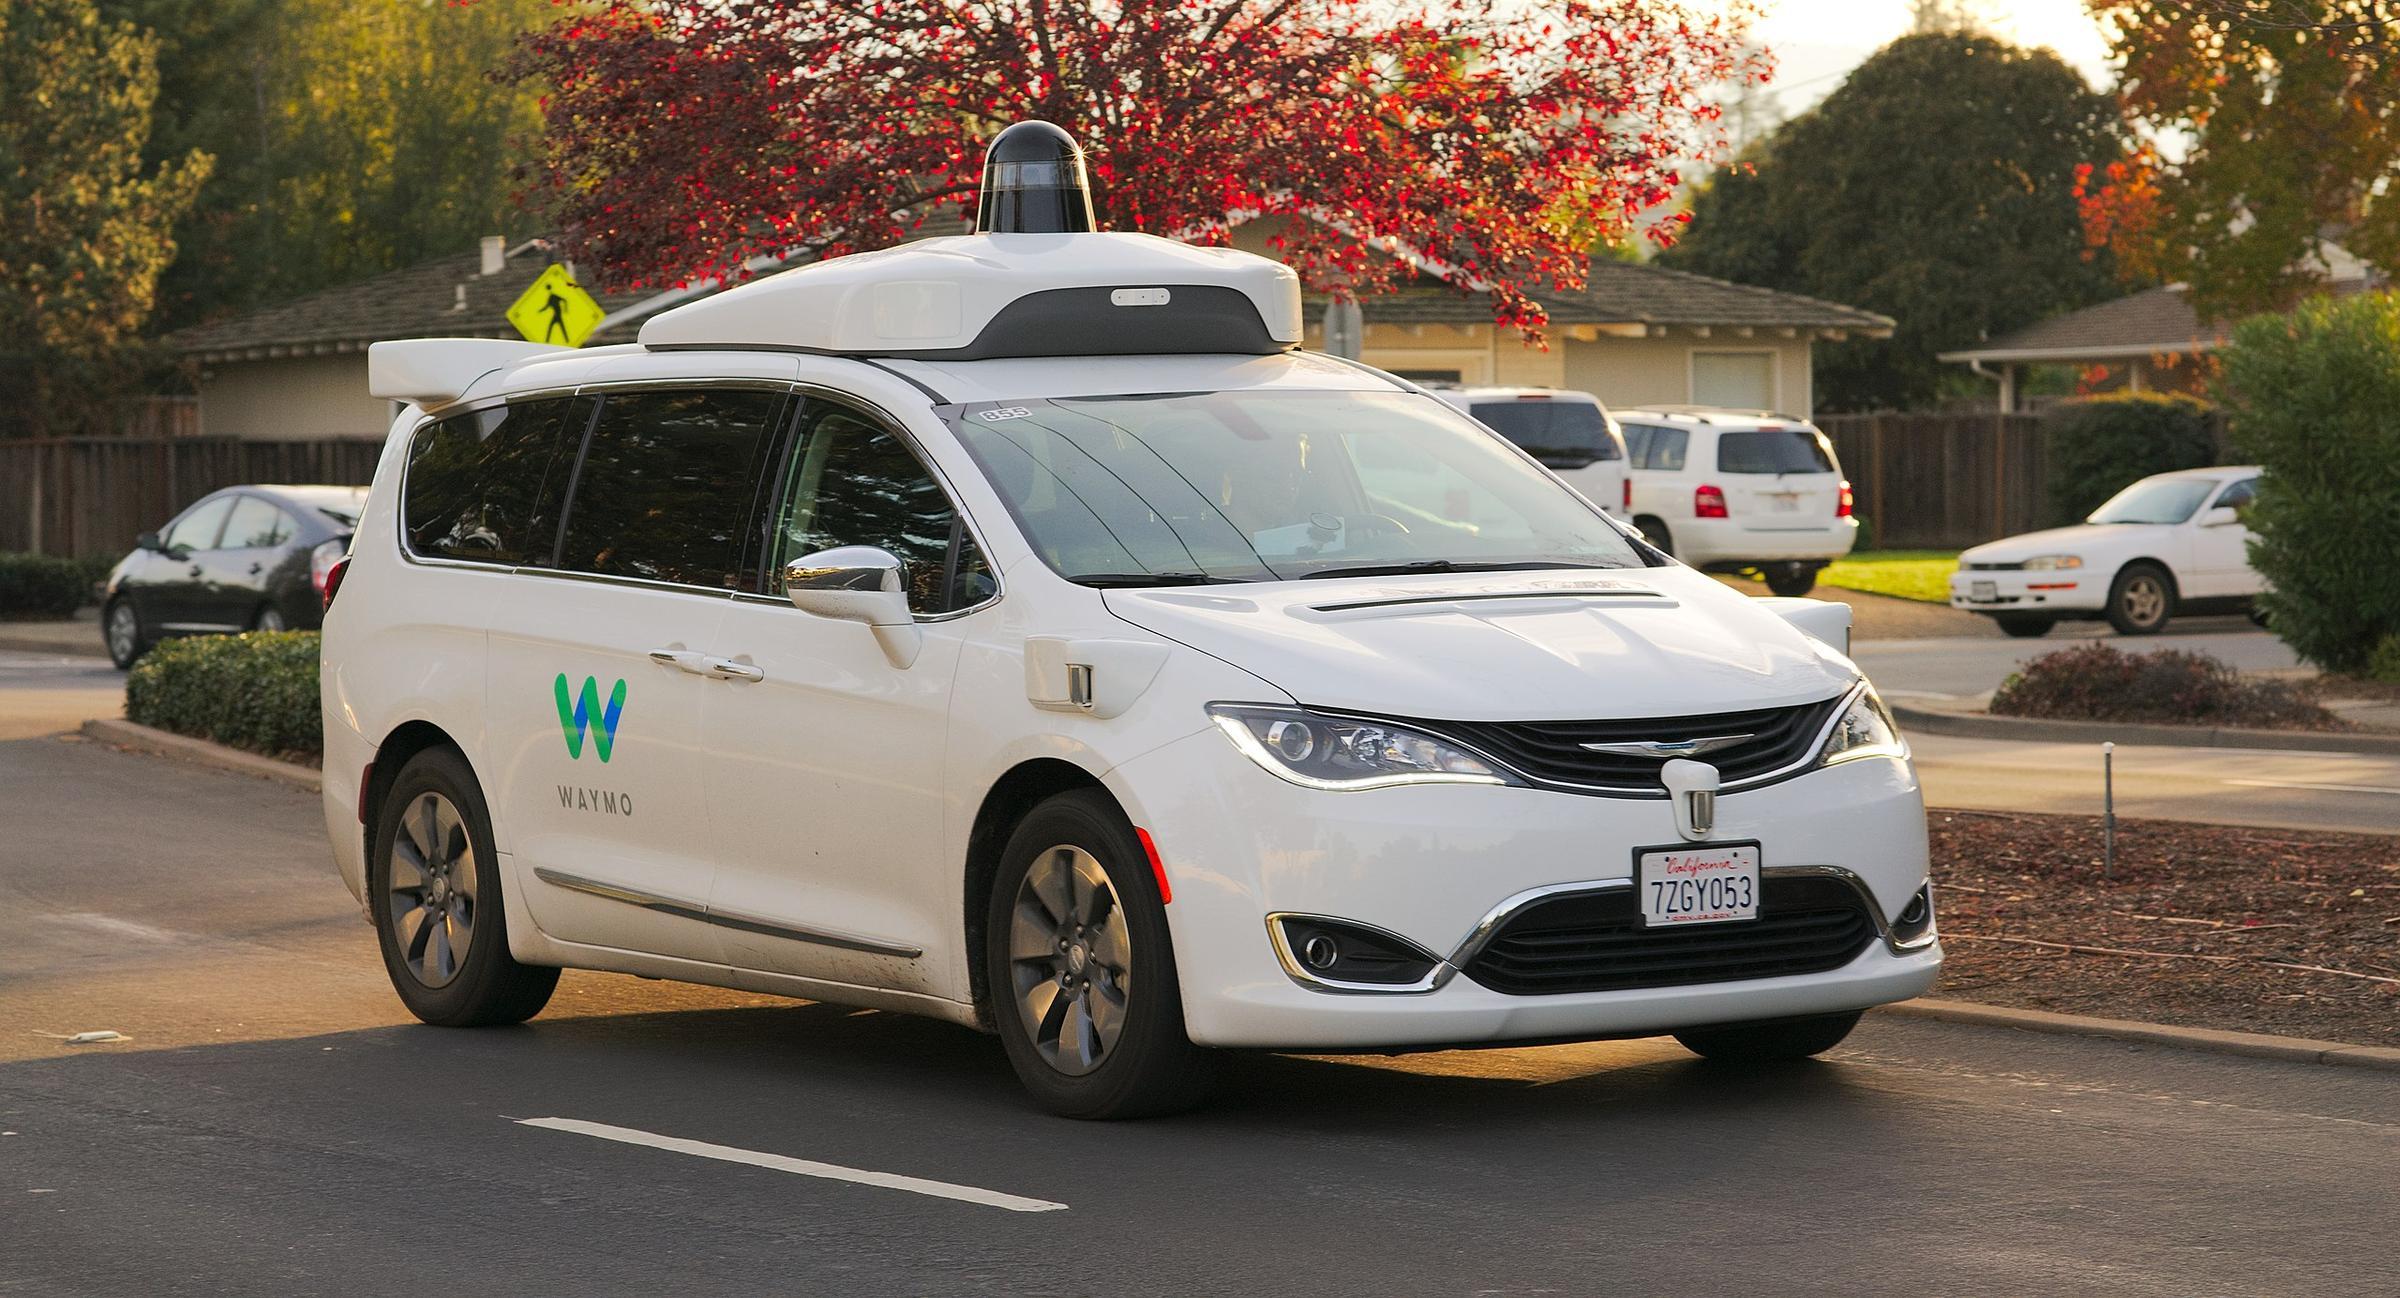 Filling Voids And Fixing Problems In Autonomous Vehicle Algorithms